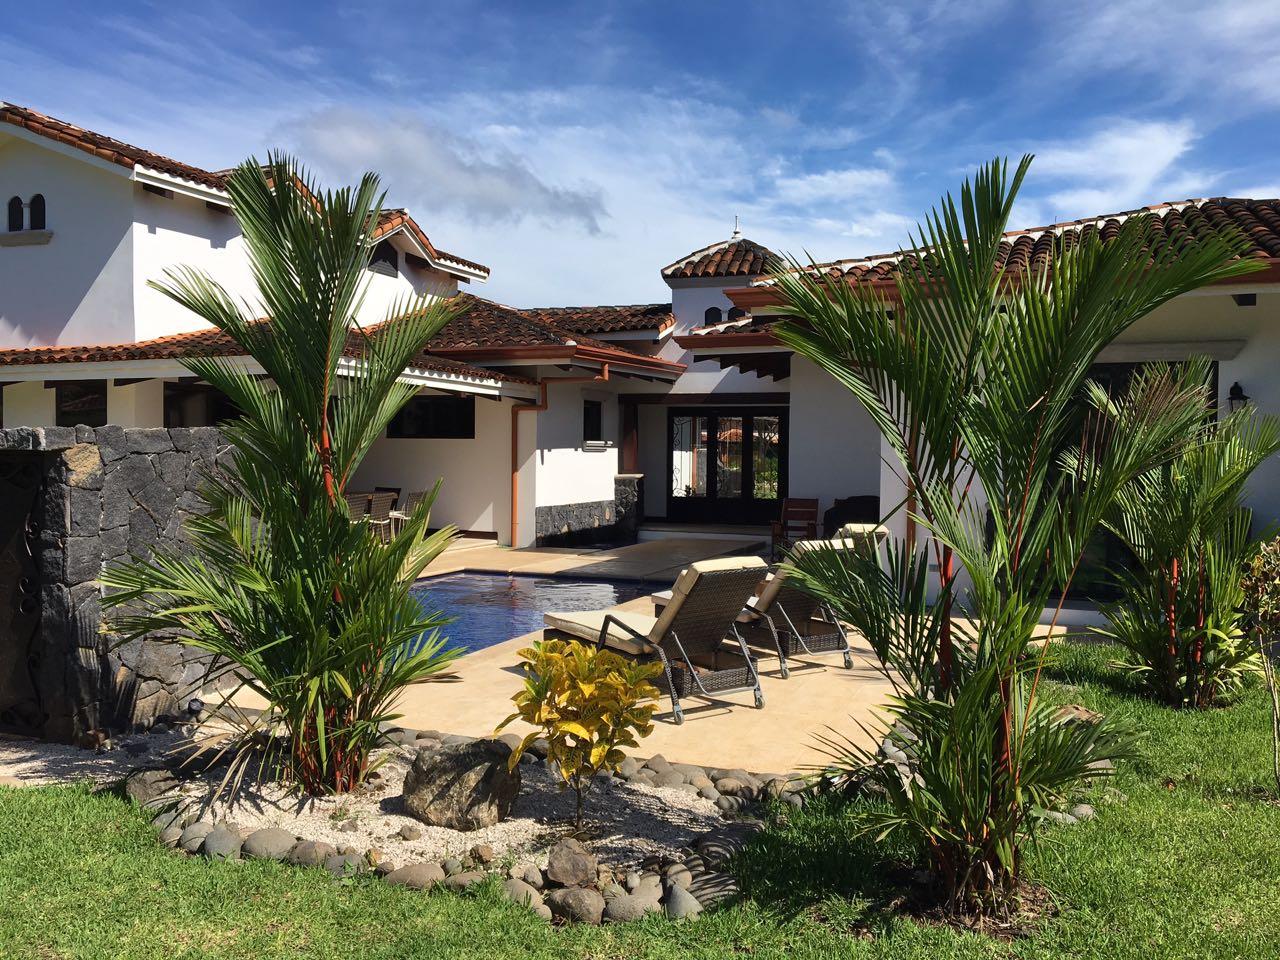 Costa Rica Tropical rentals